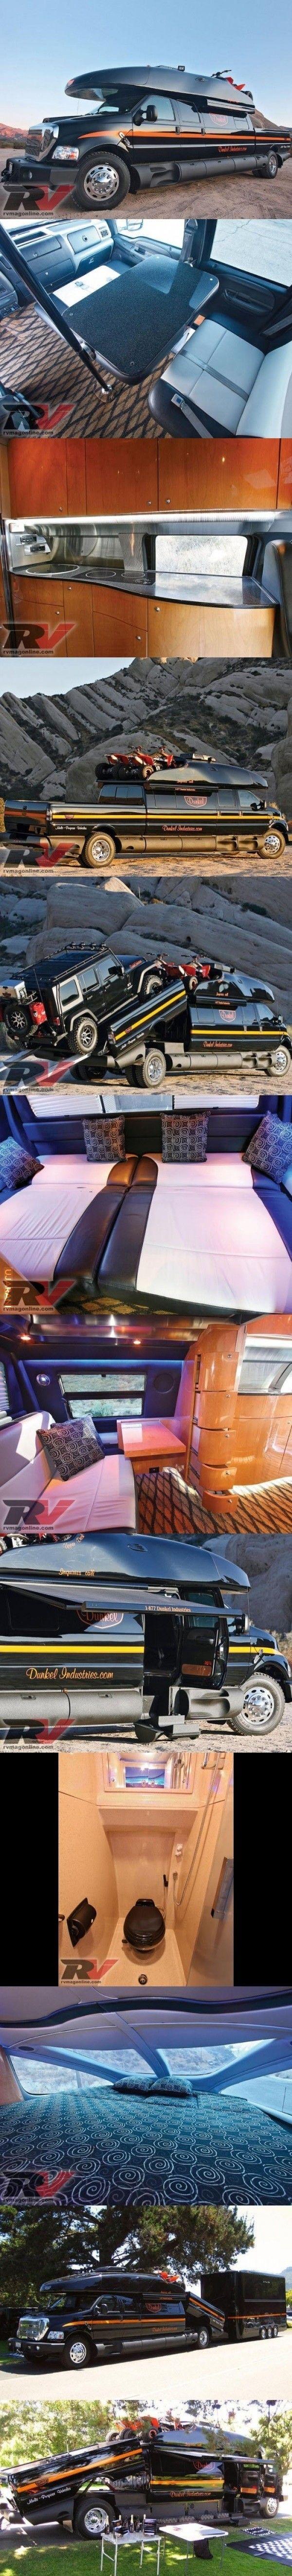 Ford F-750 Dunkel Luxury Hauler 4х4